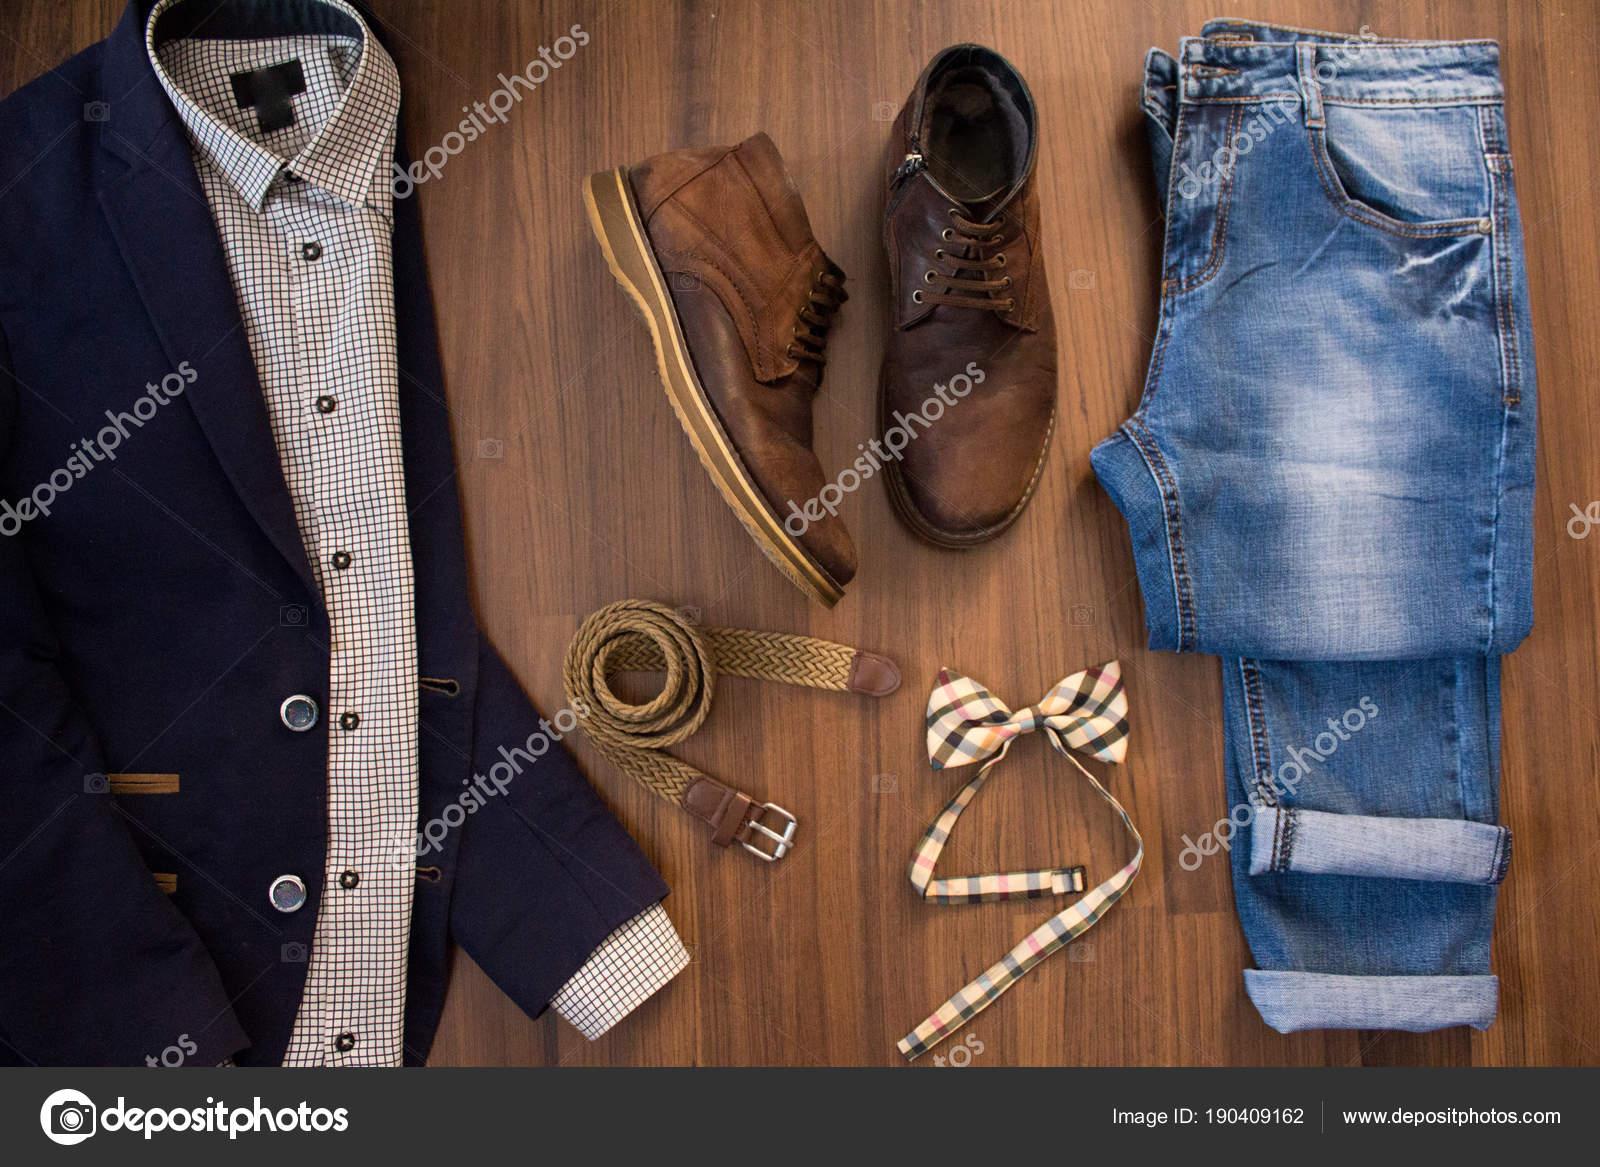 933e01522 Poner plano de conjunto de ropa casual para hombre y zapatos en marrón  madera ba —